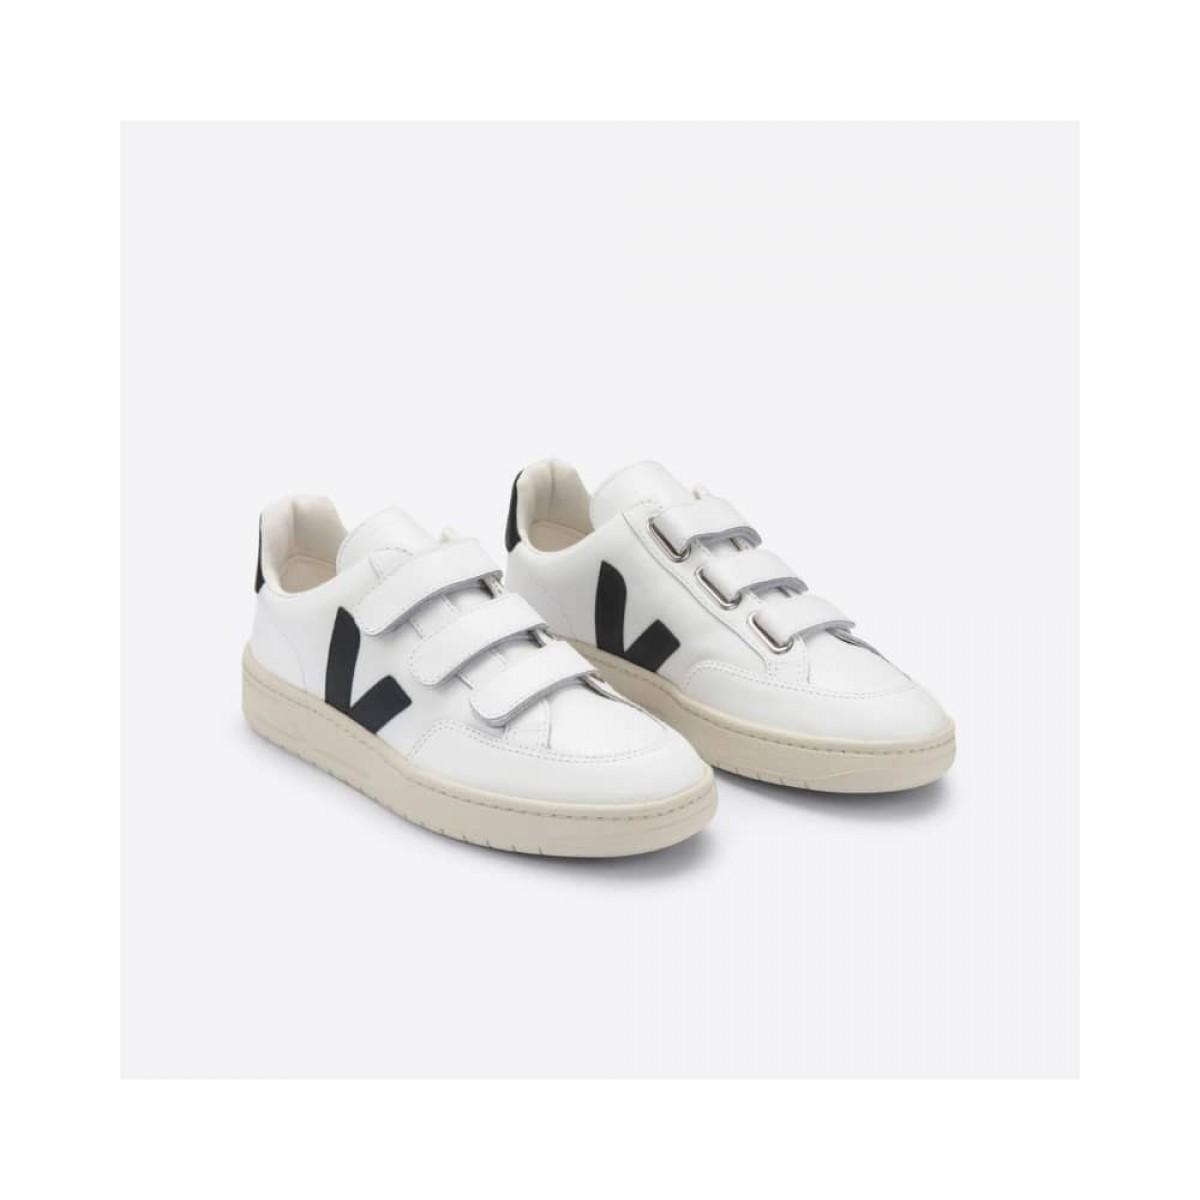 v-lock leather - extra white with black - på skrå